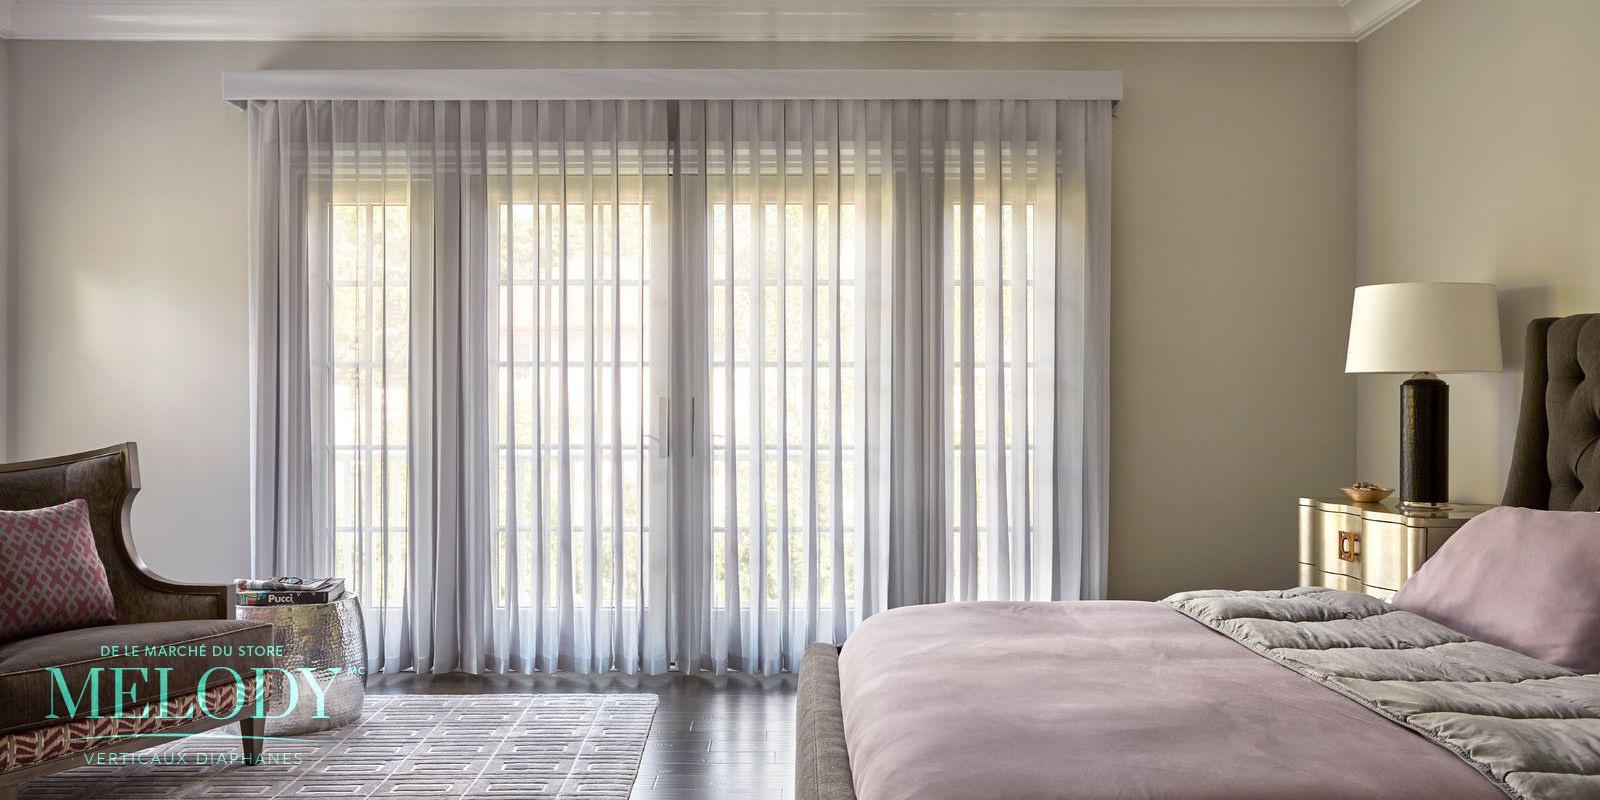 Une grande chambre à coucher avec de larges portes françaises enjolivées avec ces stores verticaux diaphanes Melody de ton gris clair filtrant la lumière et procurant un niveau d'intimité.